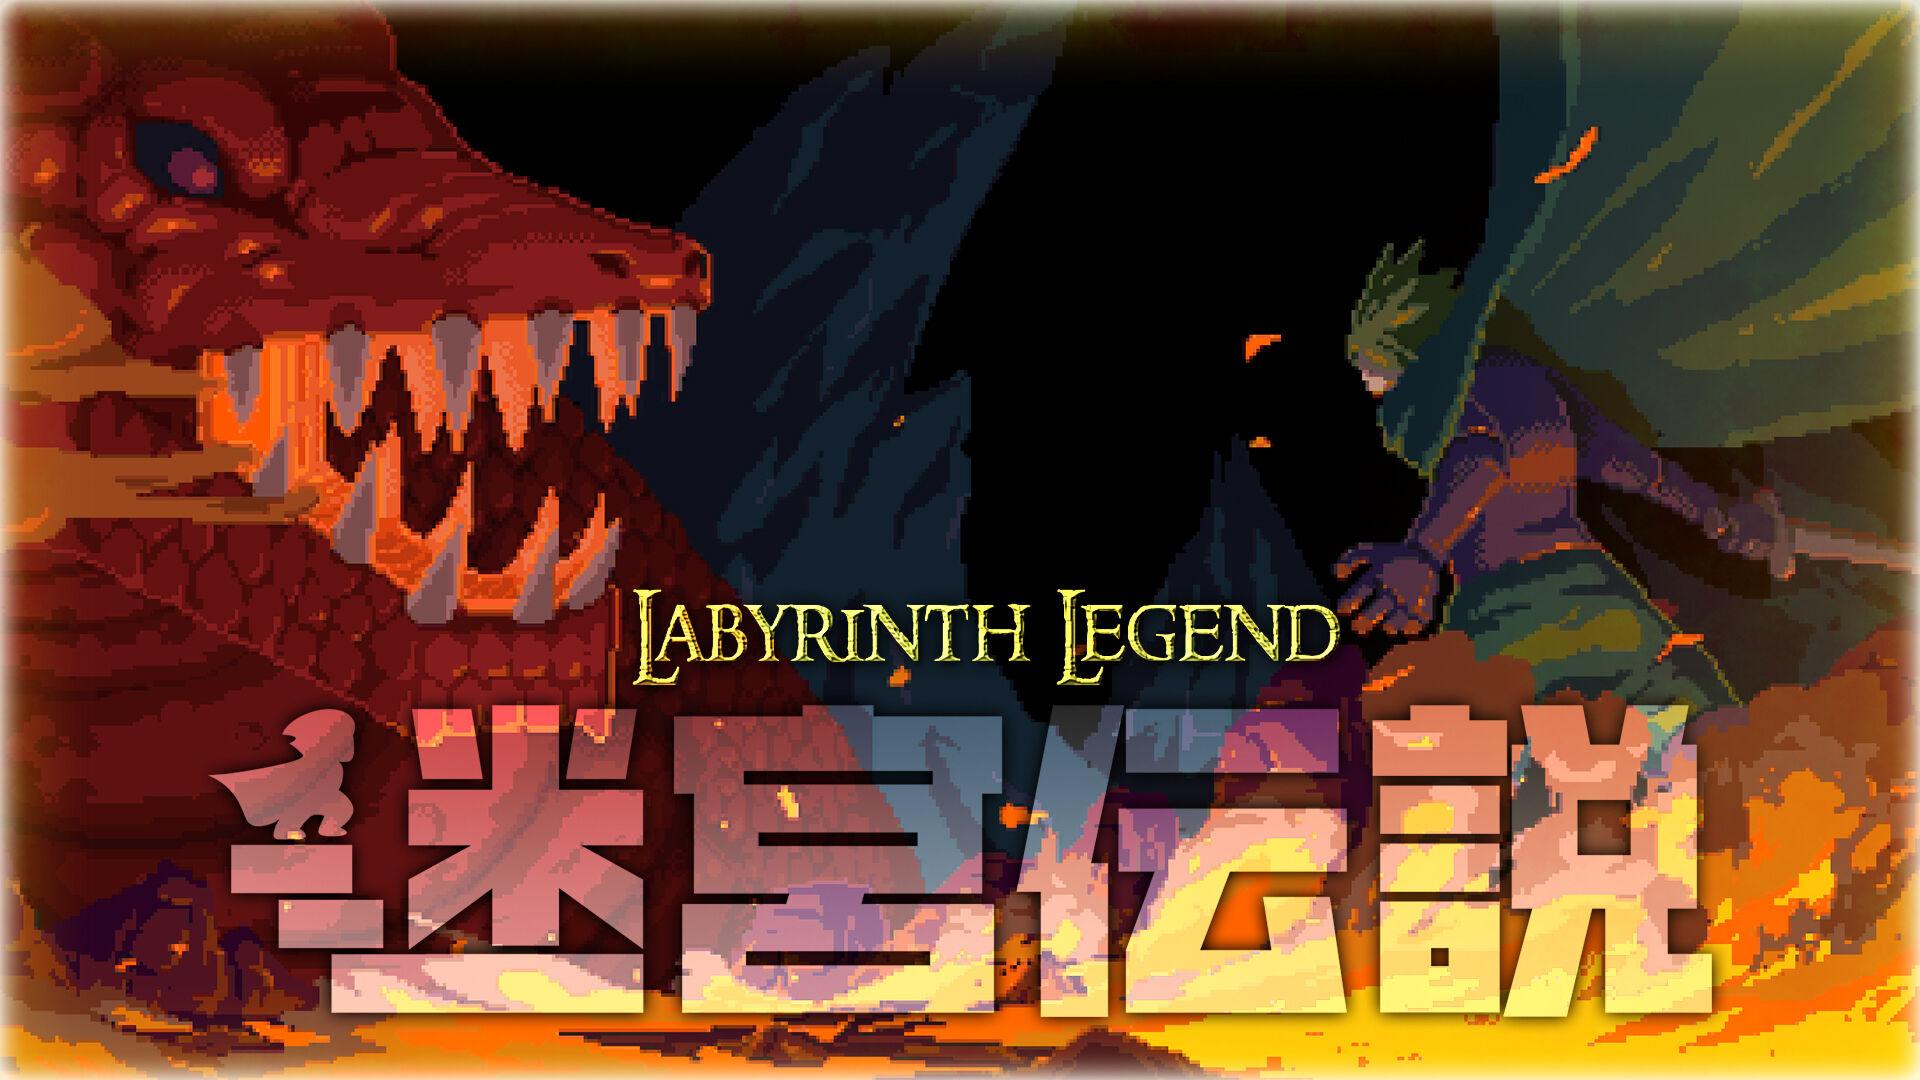 ハクスラ スイッチ switchで人気のハクスラ系ゲームを王道の名作からインディーズまで厳選した7作品を紹介!